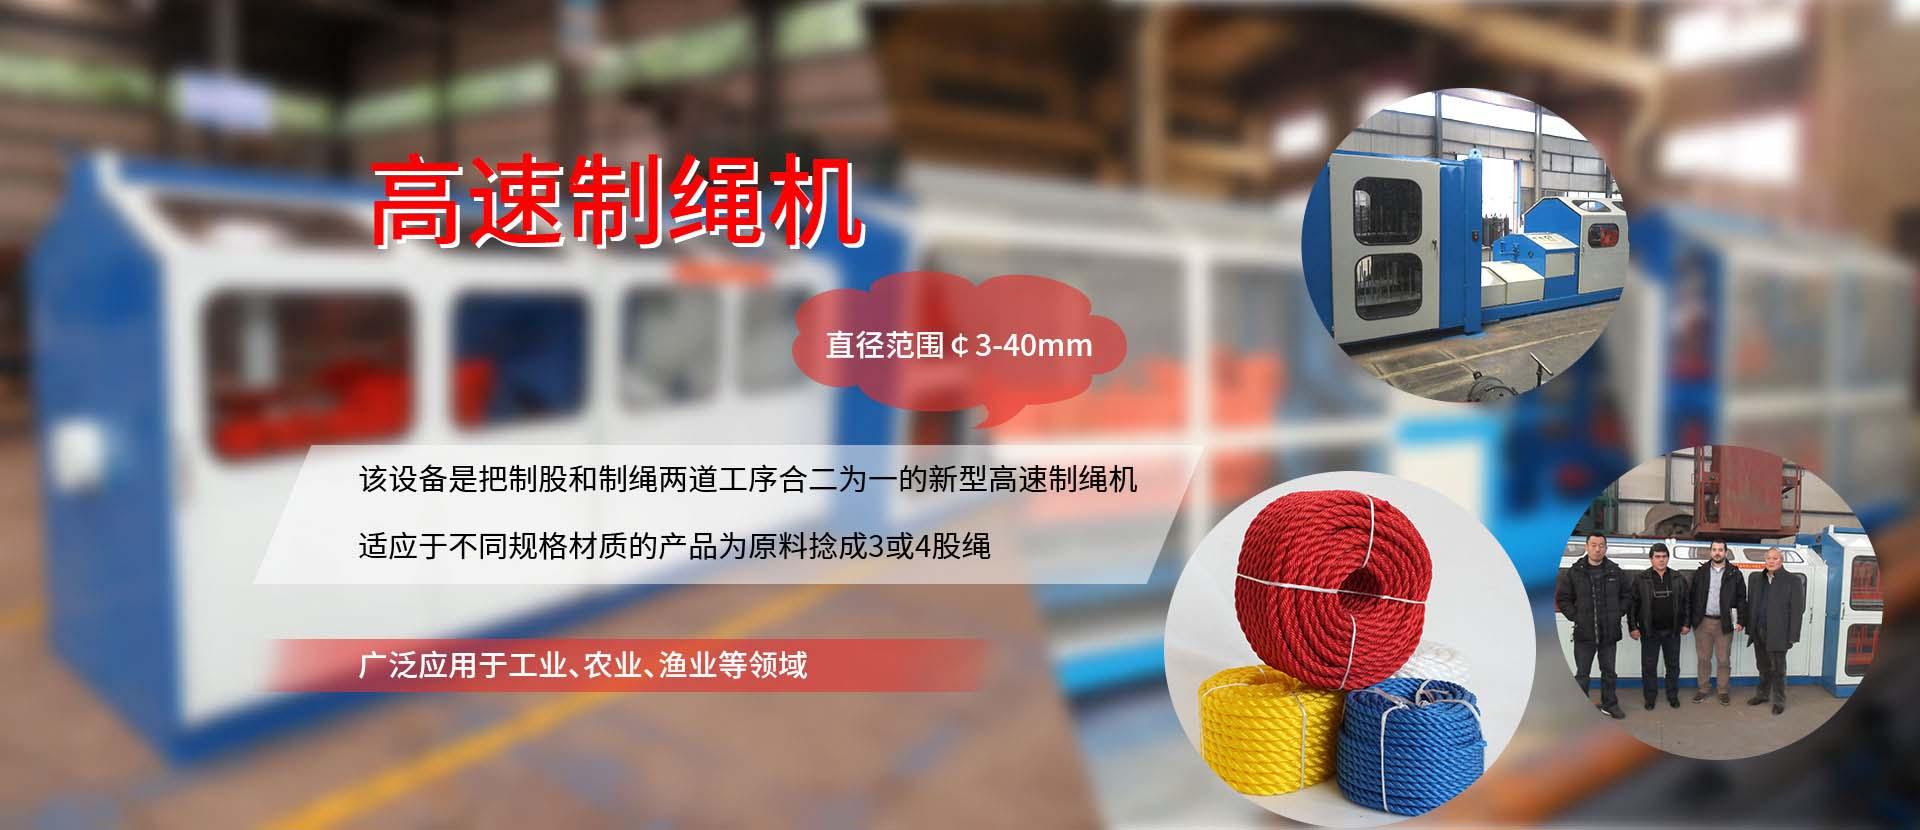 高速制绳机广泛应用各个领域